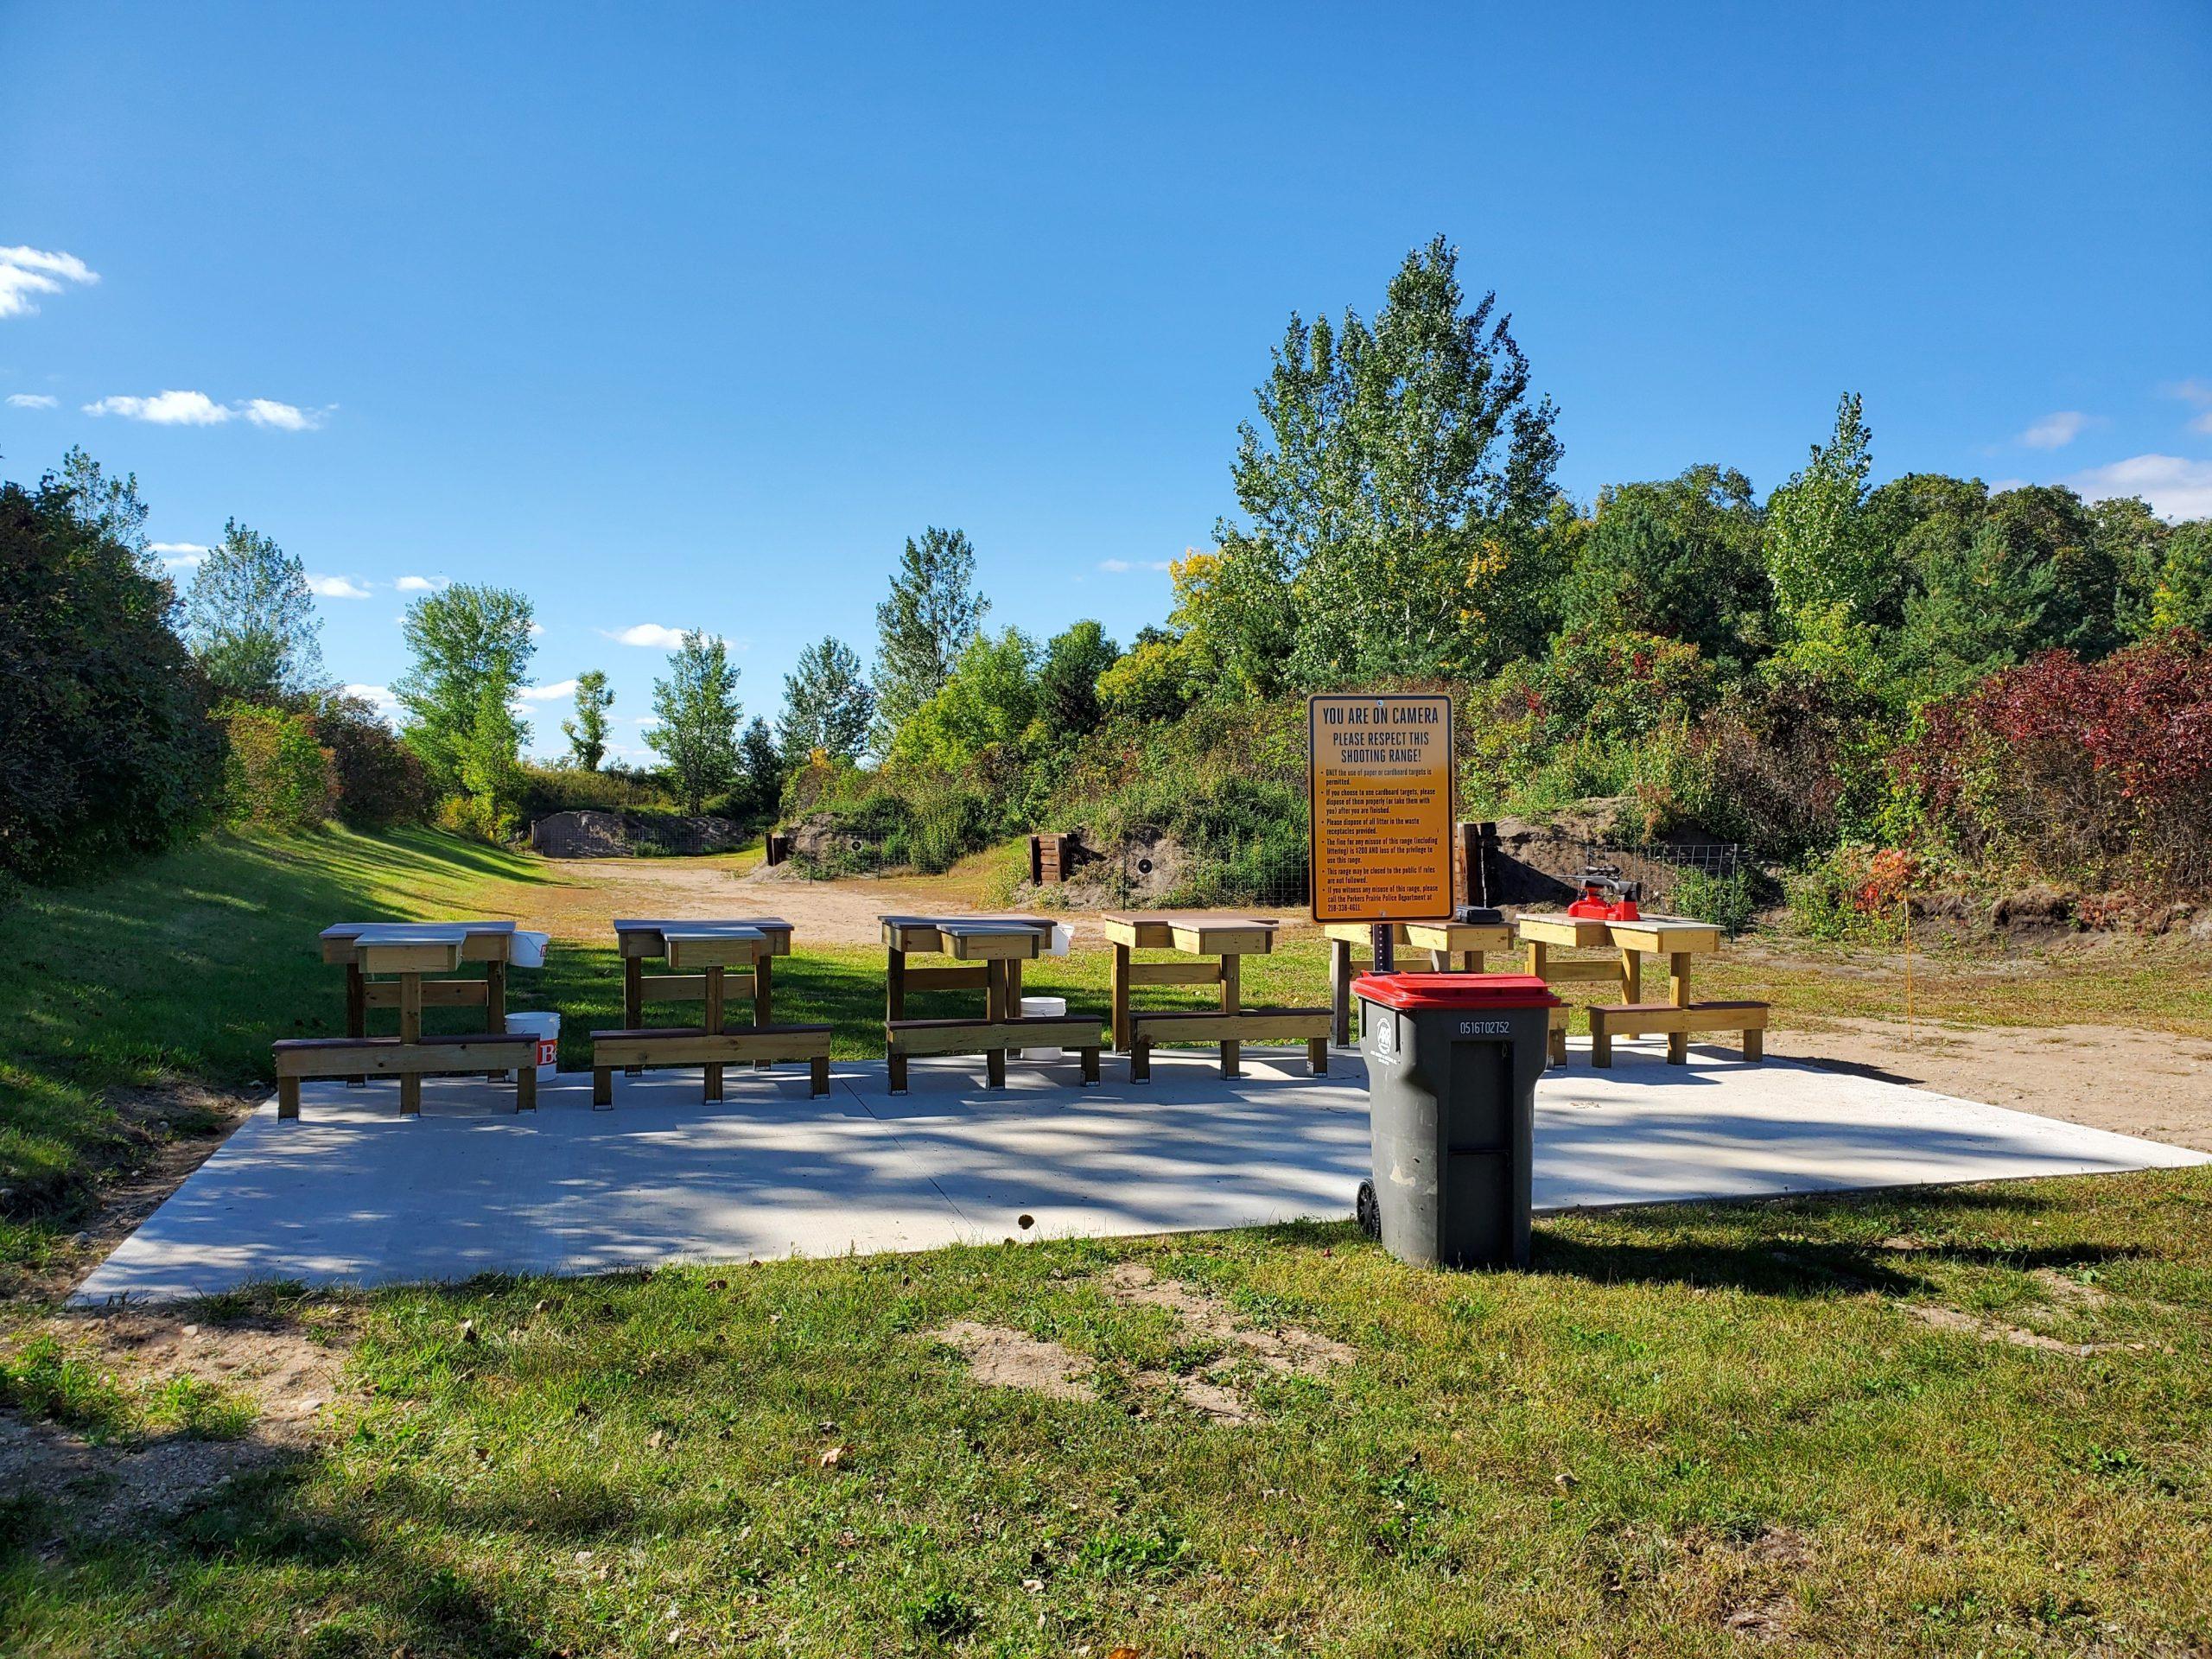 Parkers Prairie Shooting Range 2020